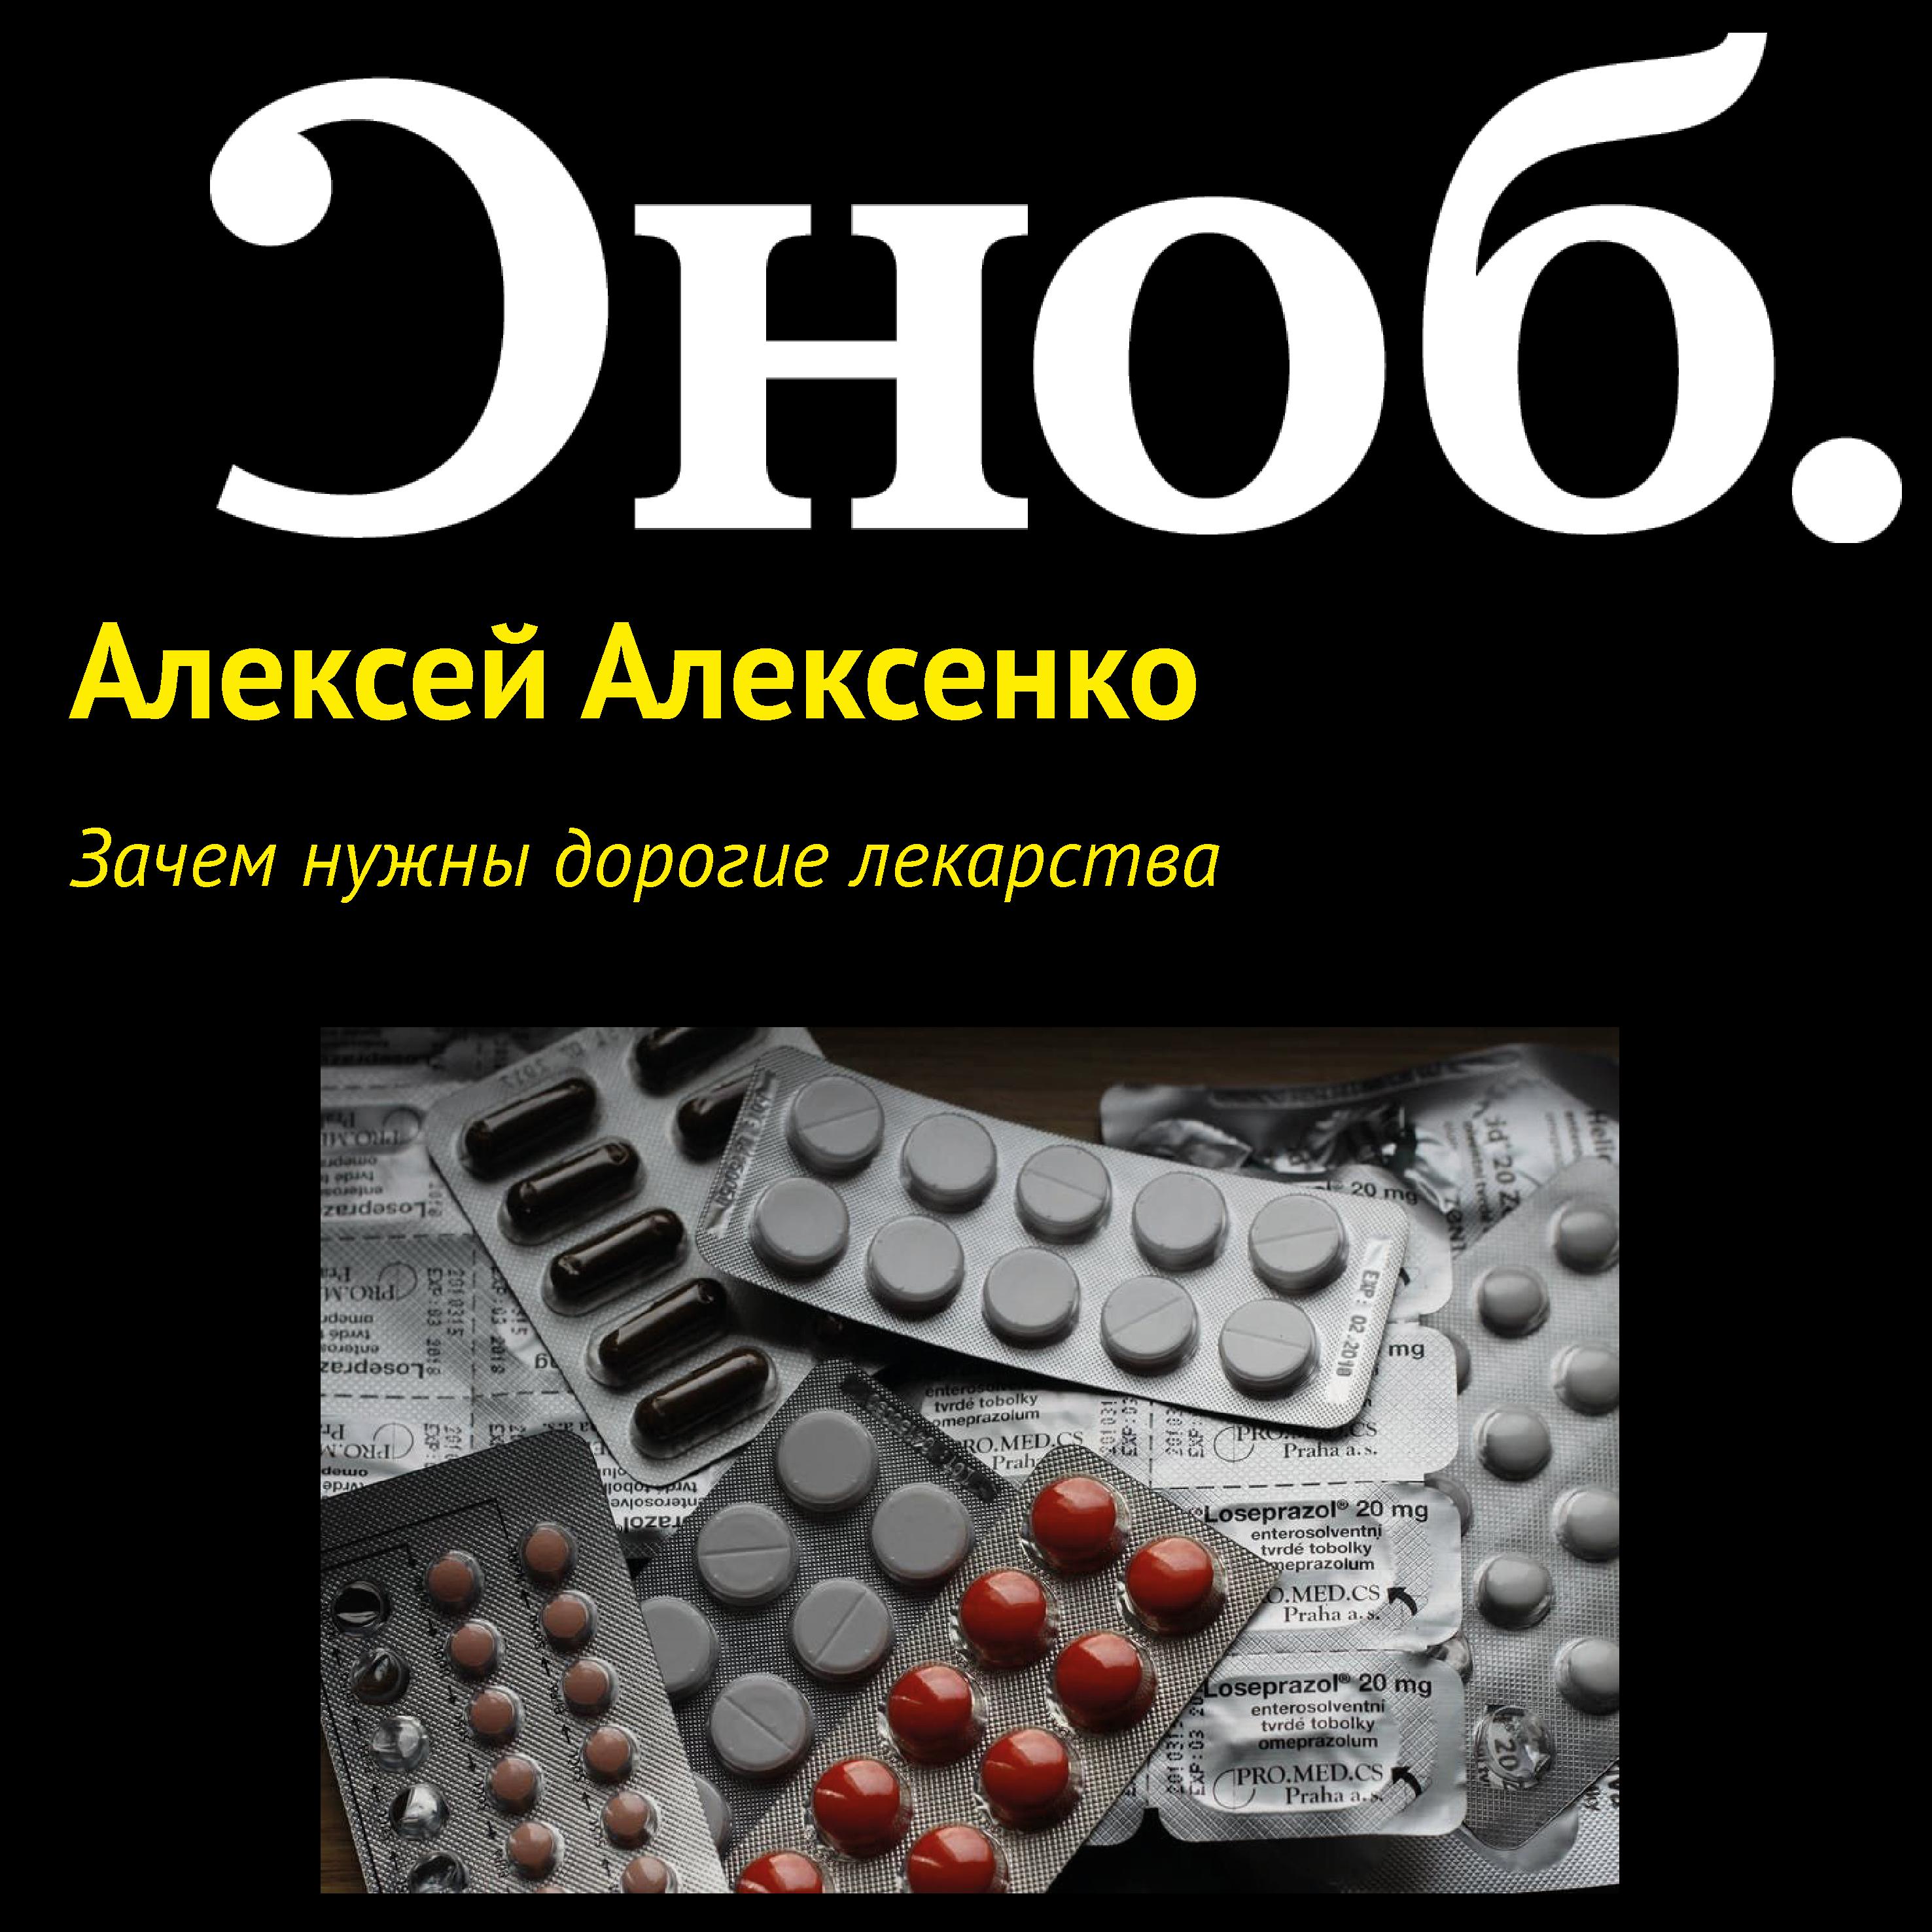 Зачем нужны дорогие лекарства